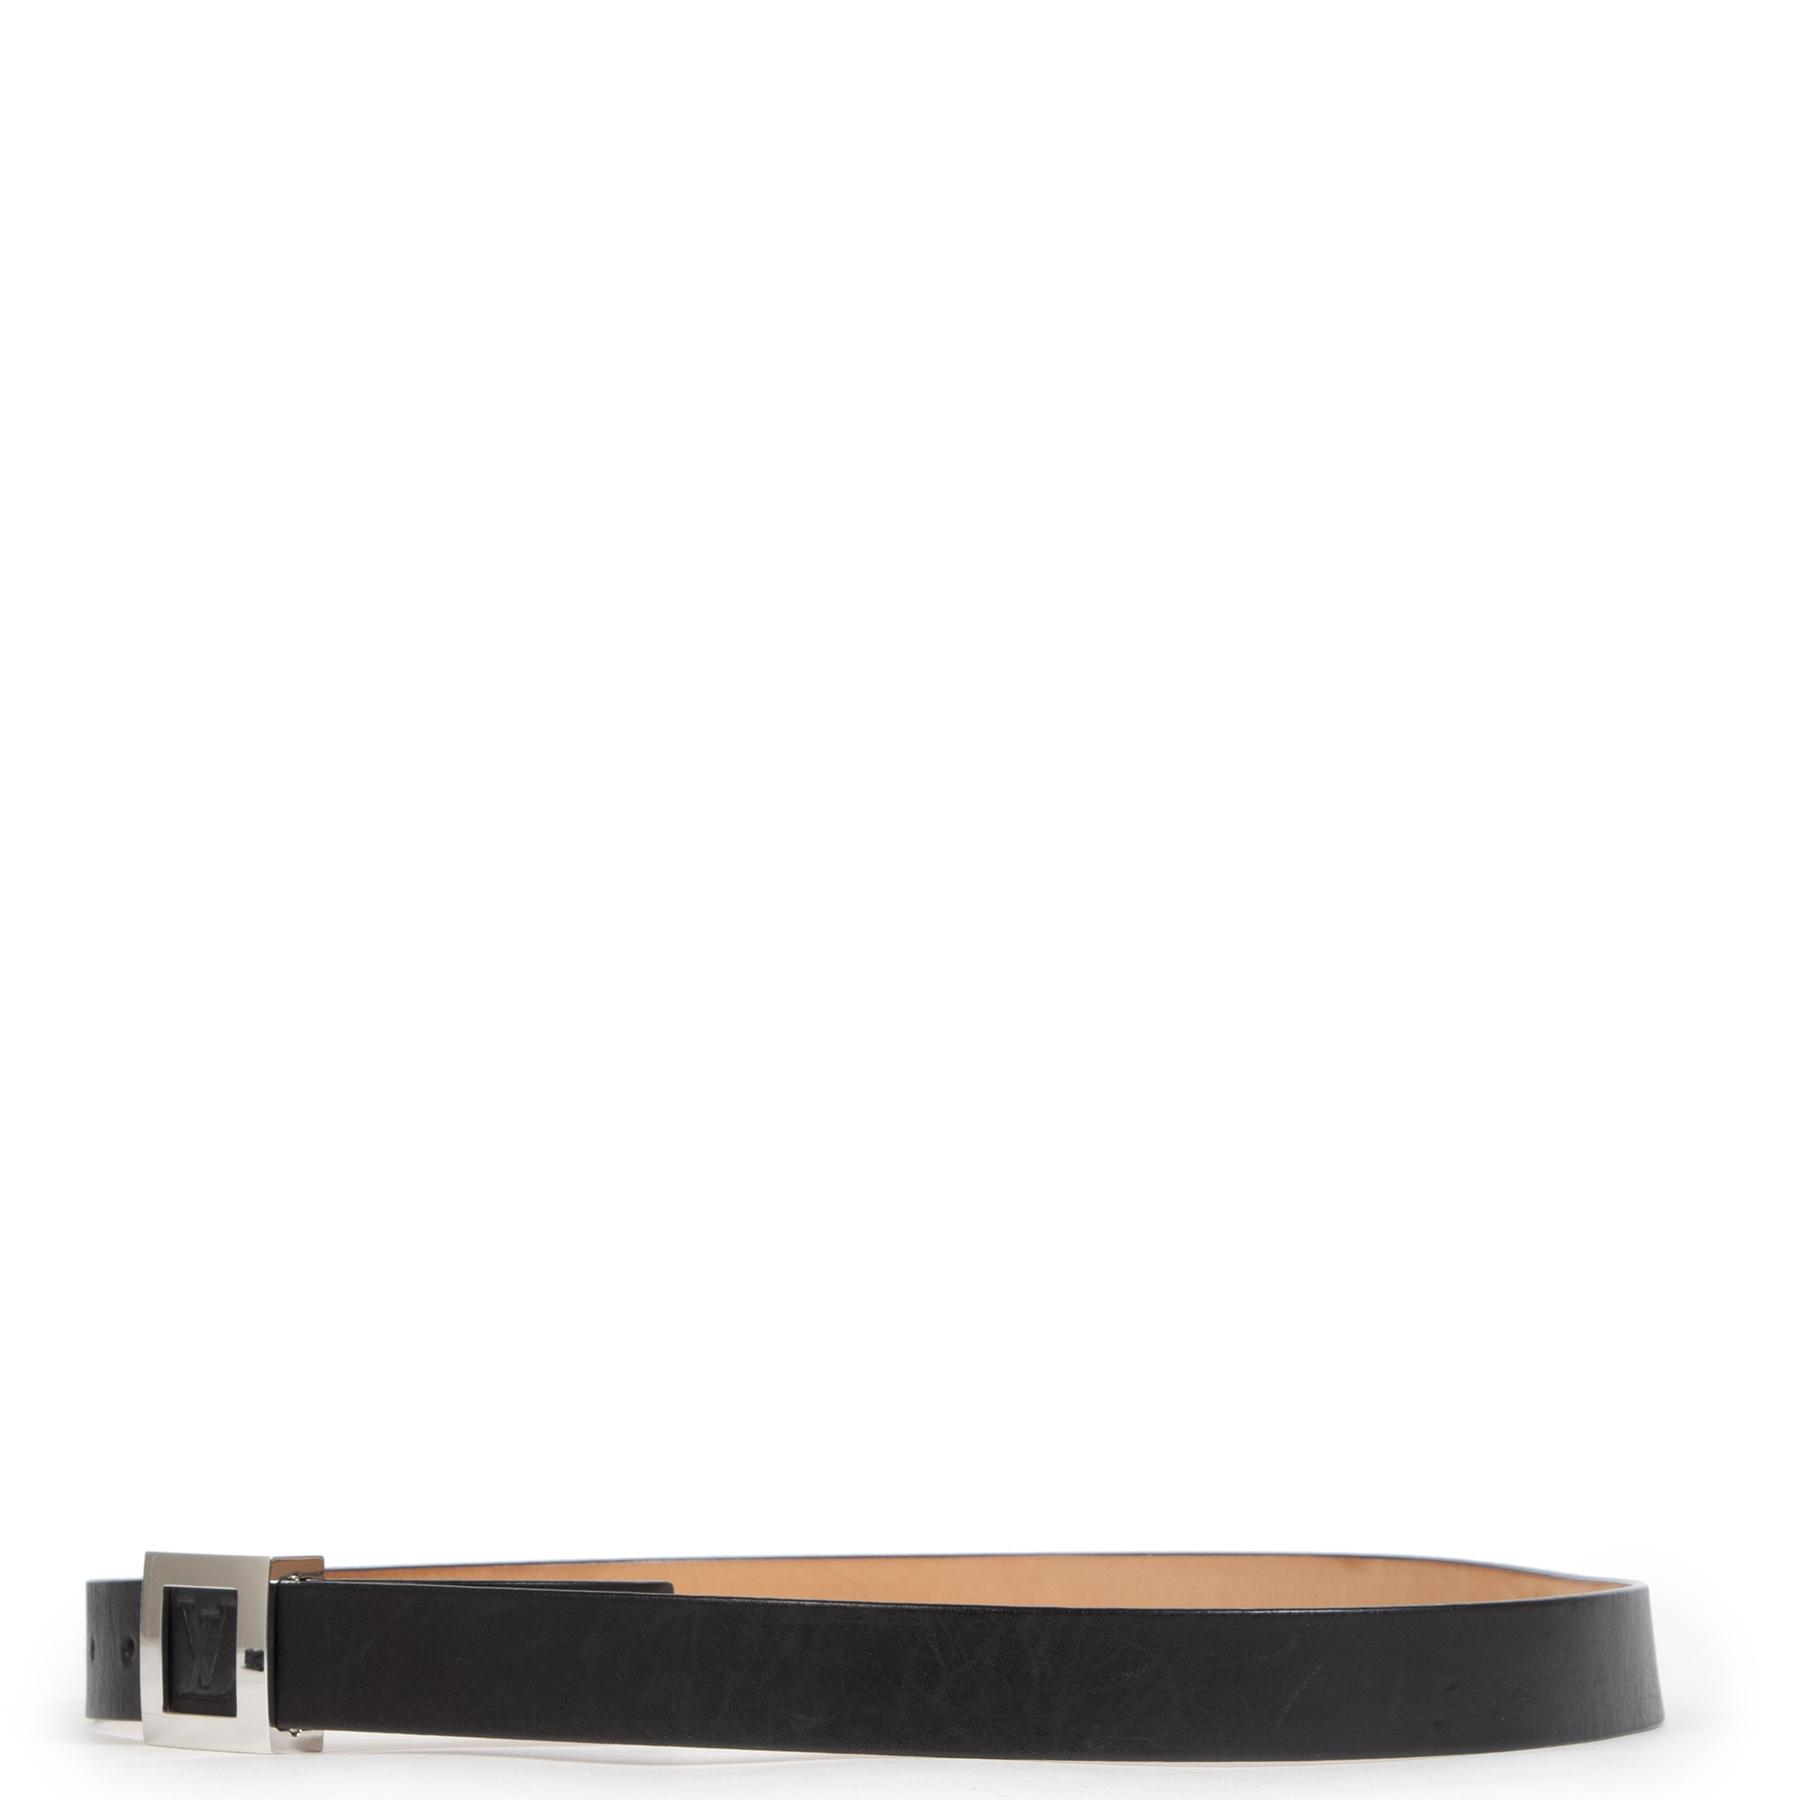 Louis Vuitton Black Square Buckle Belt - Size 100 koop veilig online aan de beste